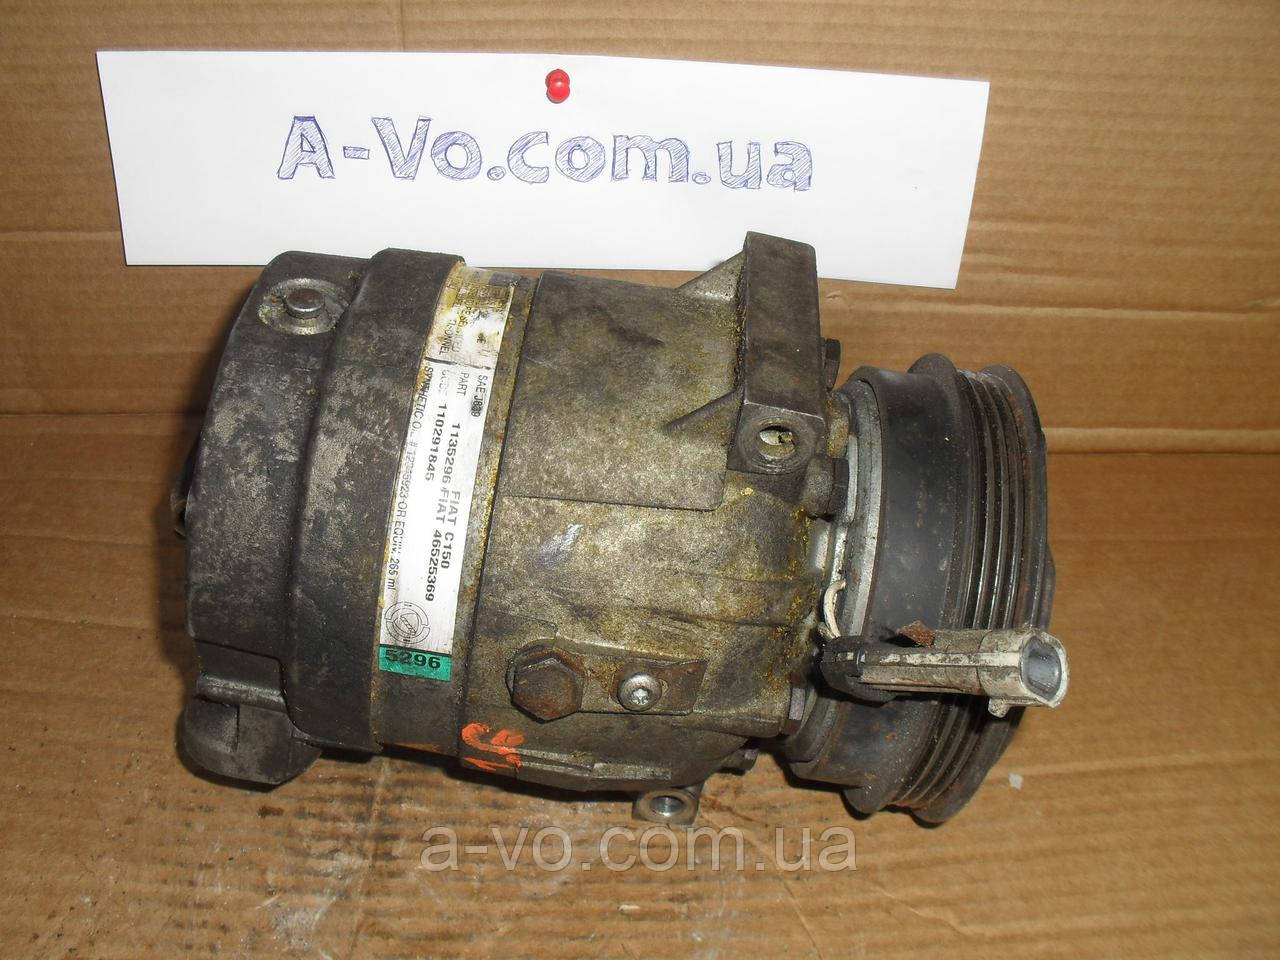 Компрессор кондиционера Fiat Multipla Bravo Brava Lancia Lybra 1.6 16V, 46525369, 1135296